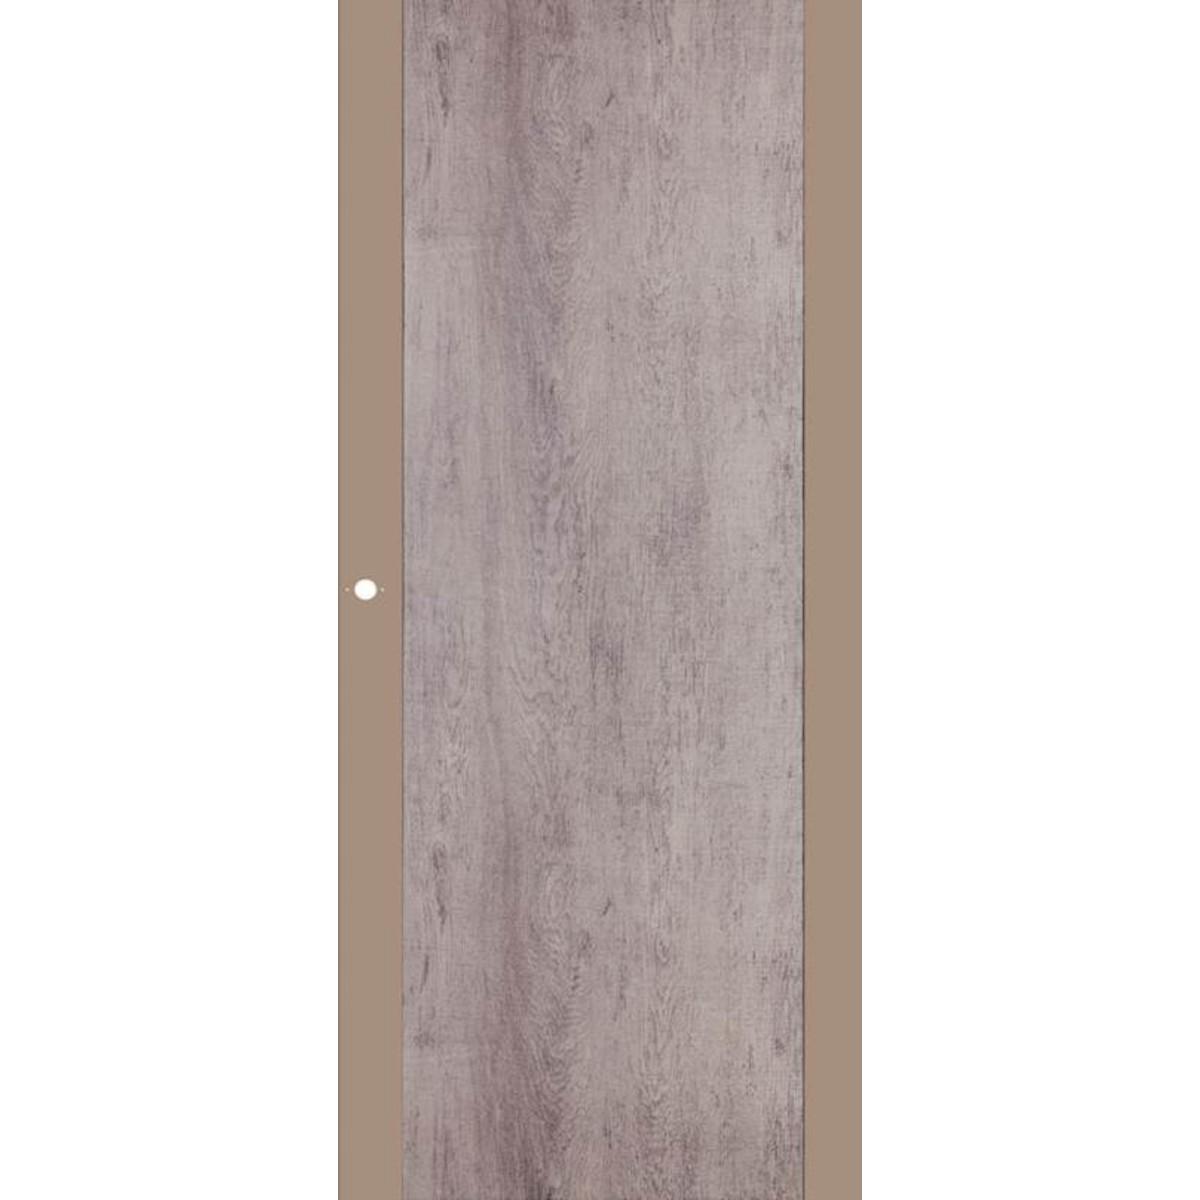 Дверь Межкомнатная Глухая Арт Лайн 70x200 Цвет Какао/Кора